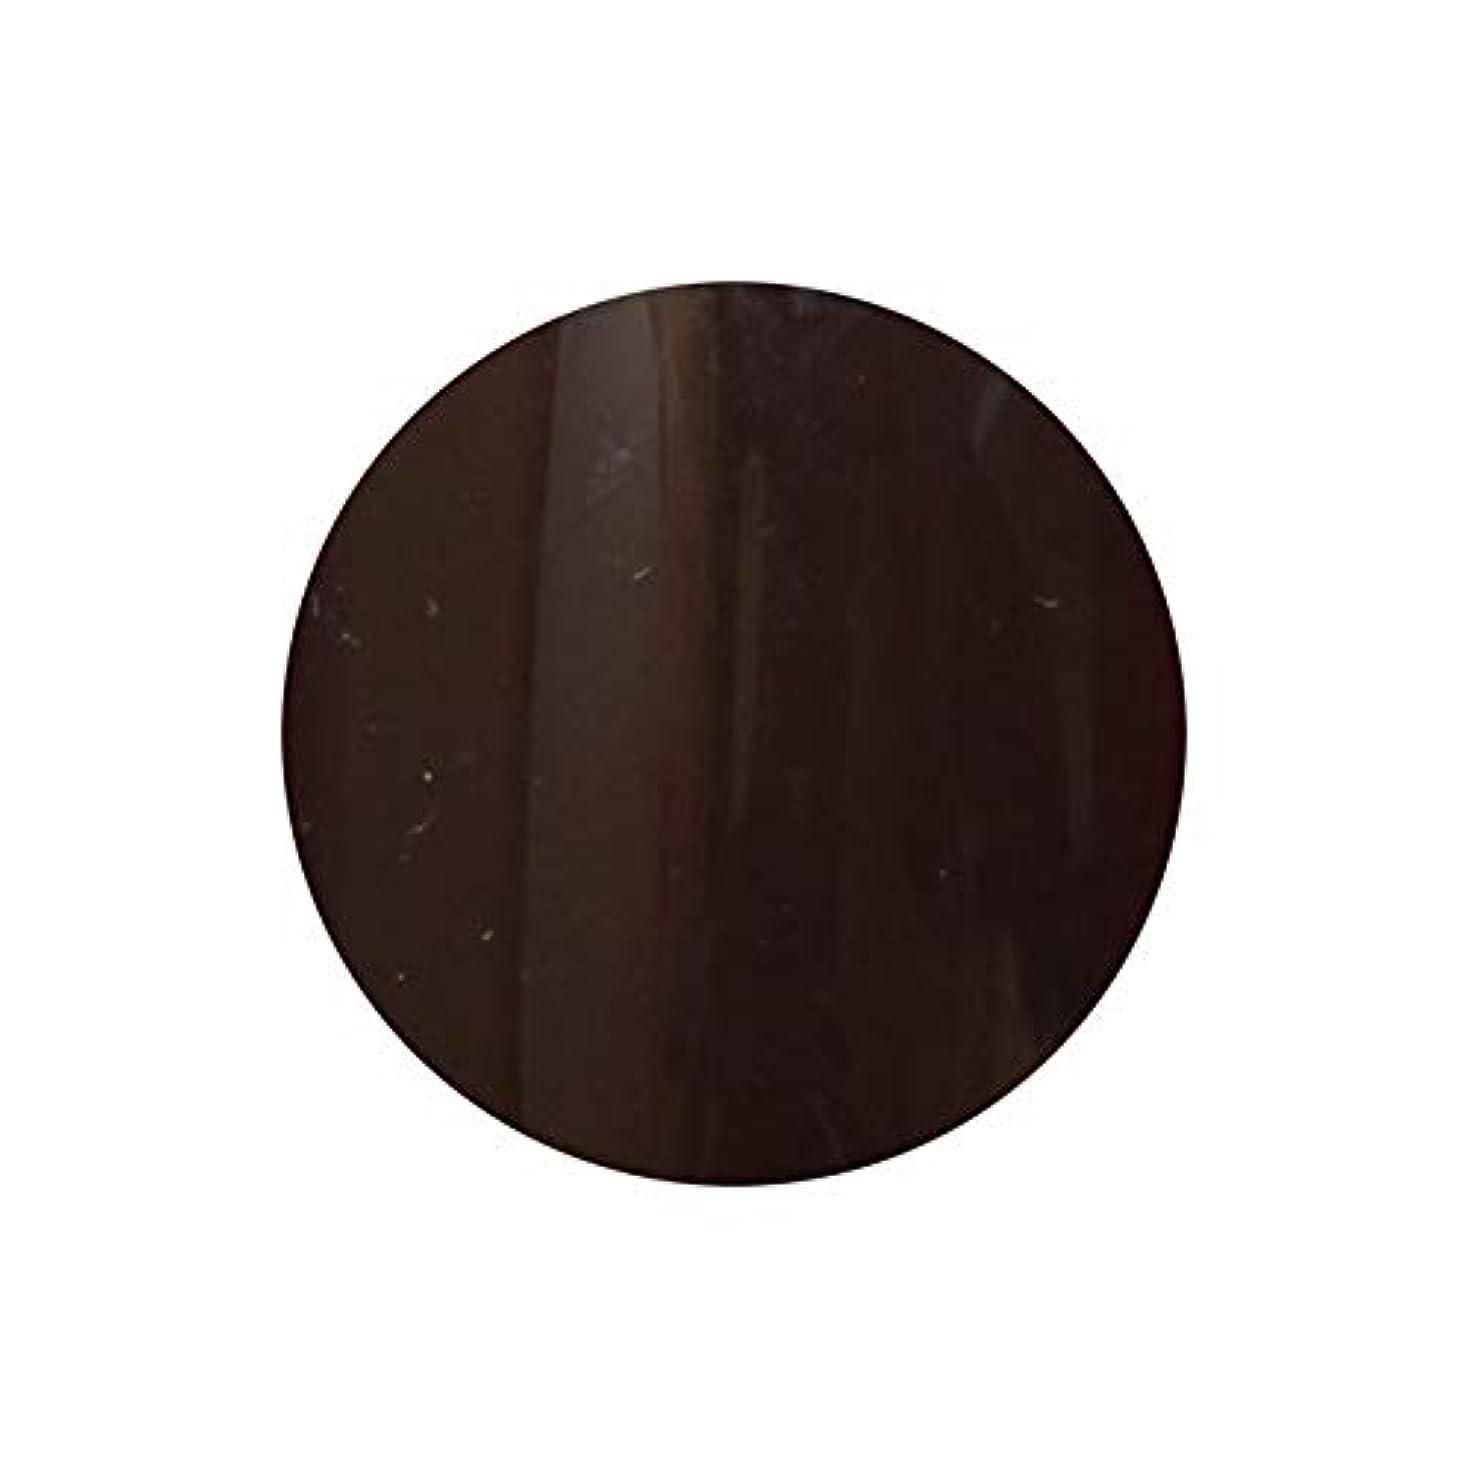 リップスケルトン検索エンジン最適化【NEW】T-GEL COLLECTION カラージェル D222 ディープブラウン 4ml